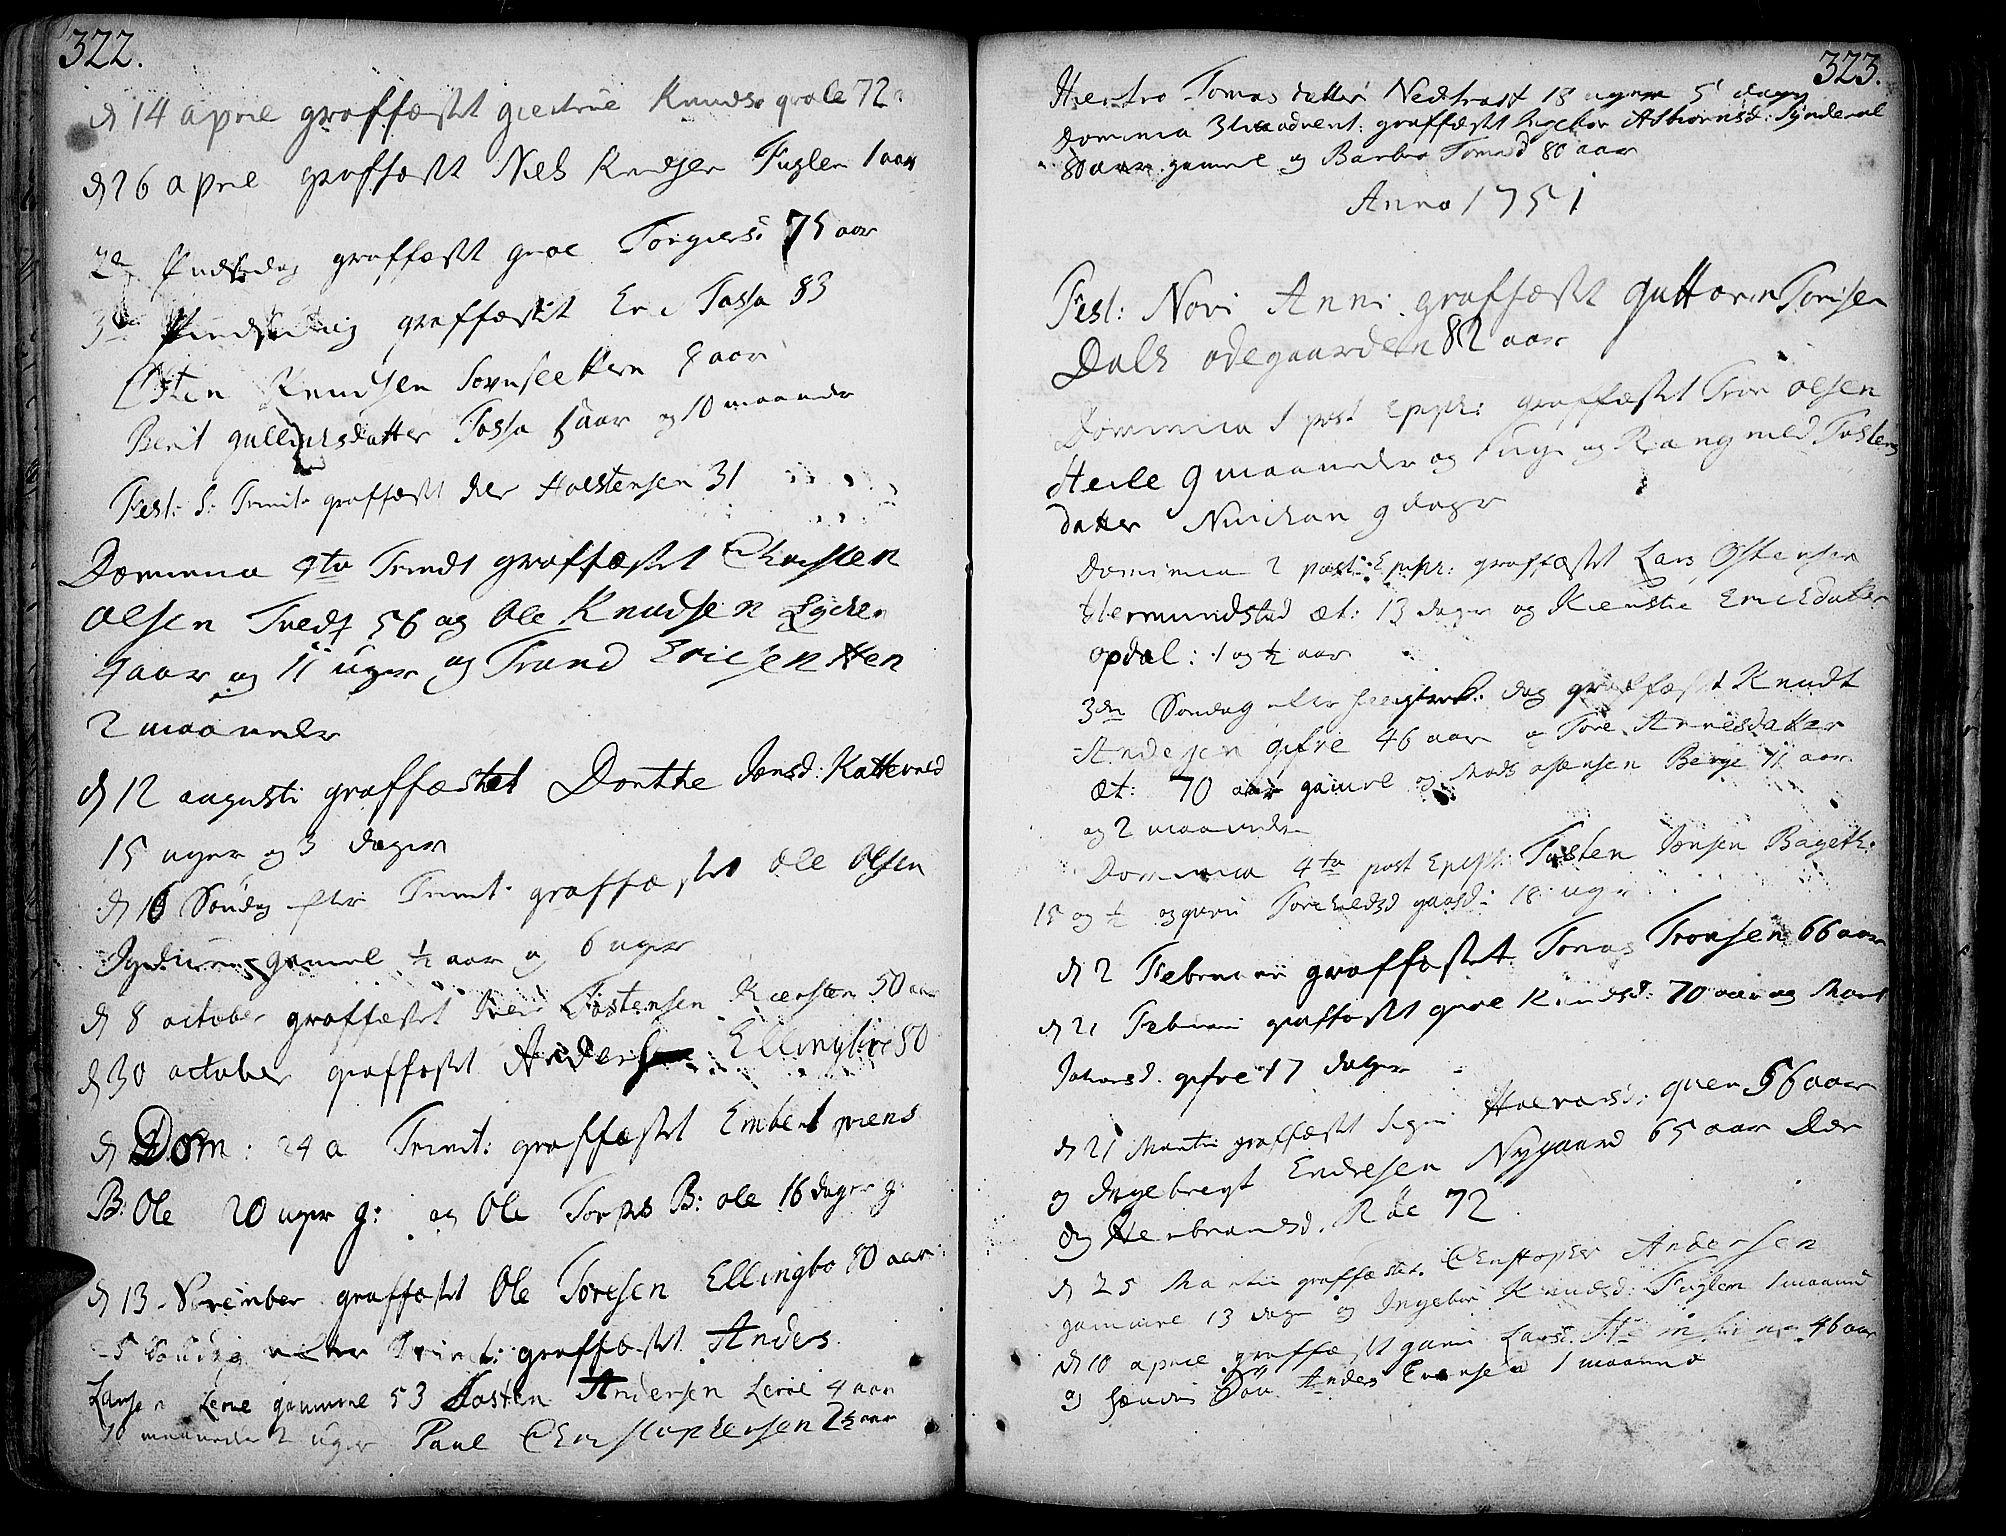 SAH, Vang prestekontor, Valdres, Ministerialbok nr. 1, 1730-1796, s. 322-323